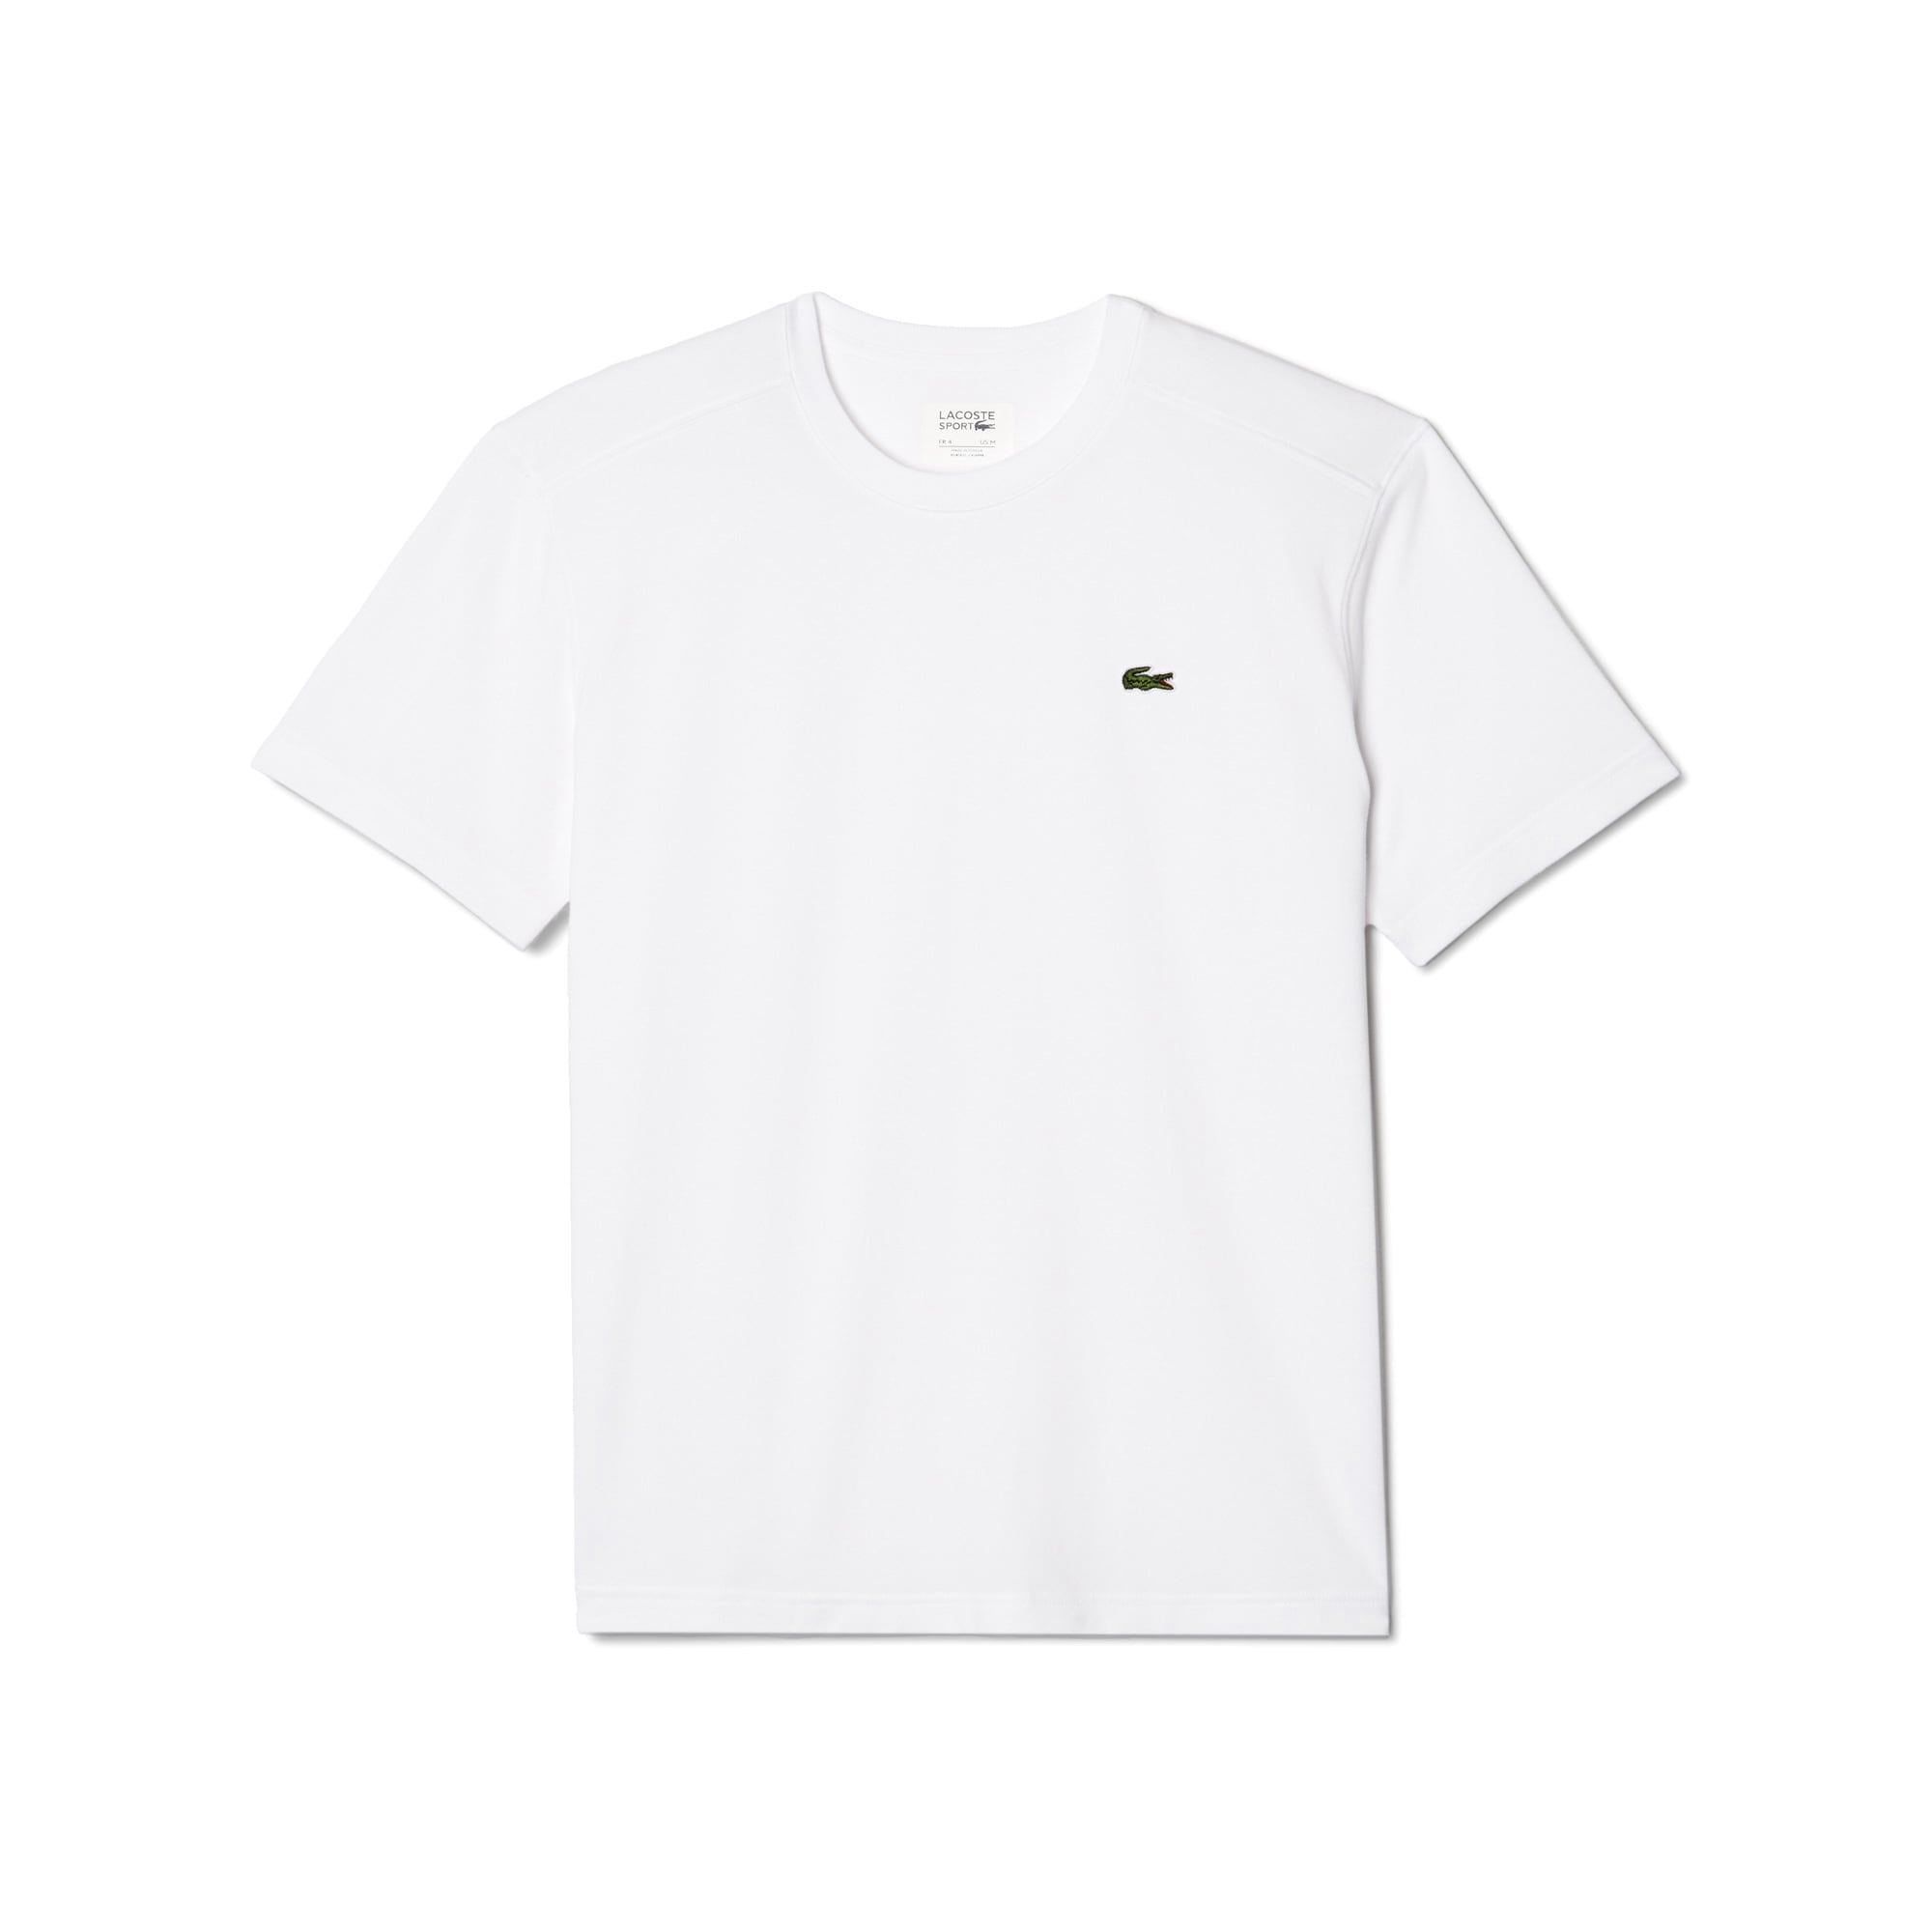 (남성) 스포츠 크루넥 기능성 저지 테니스 티셔츠